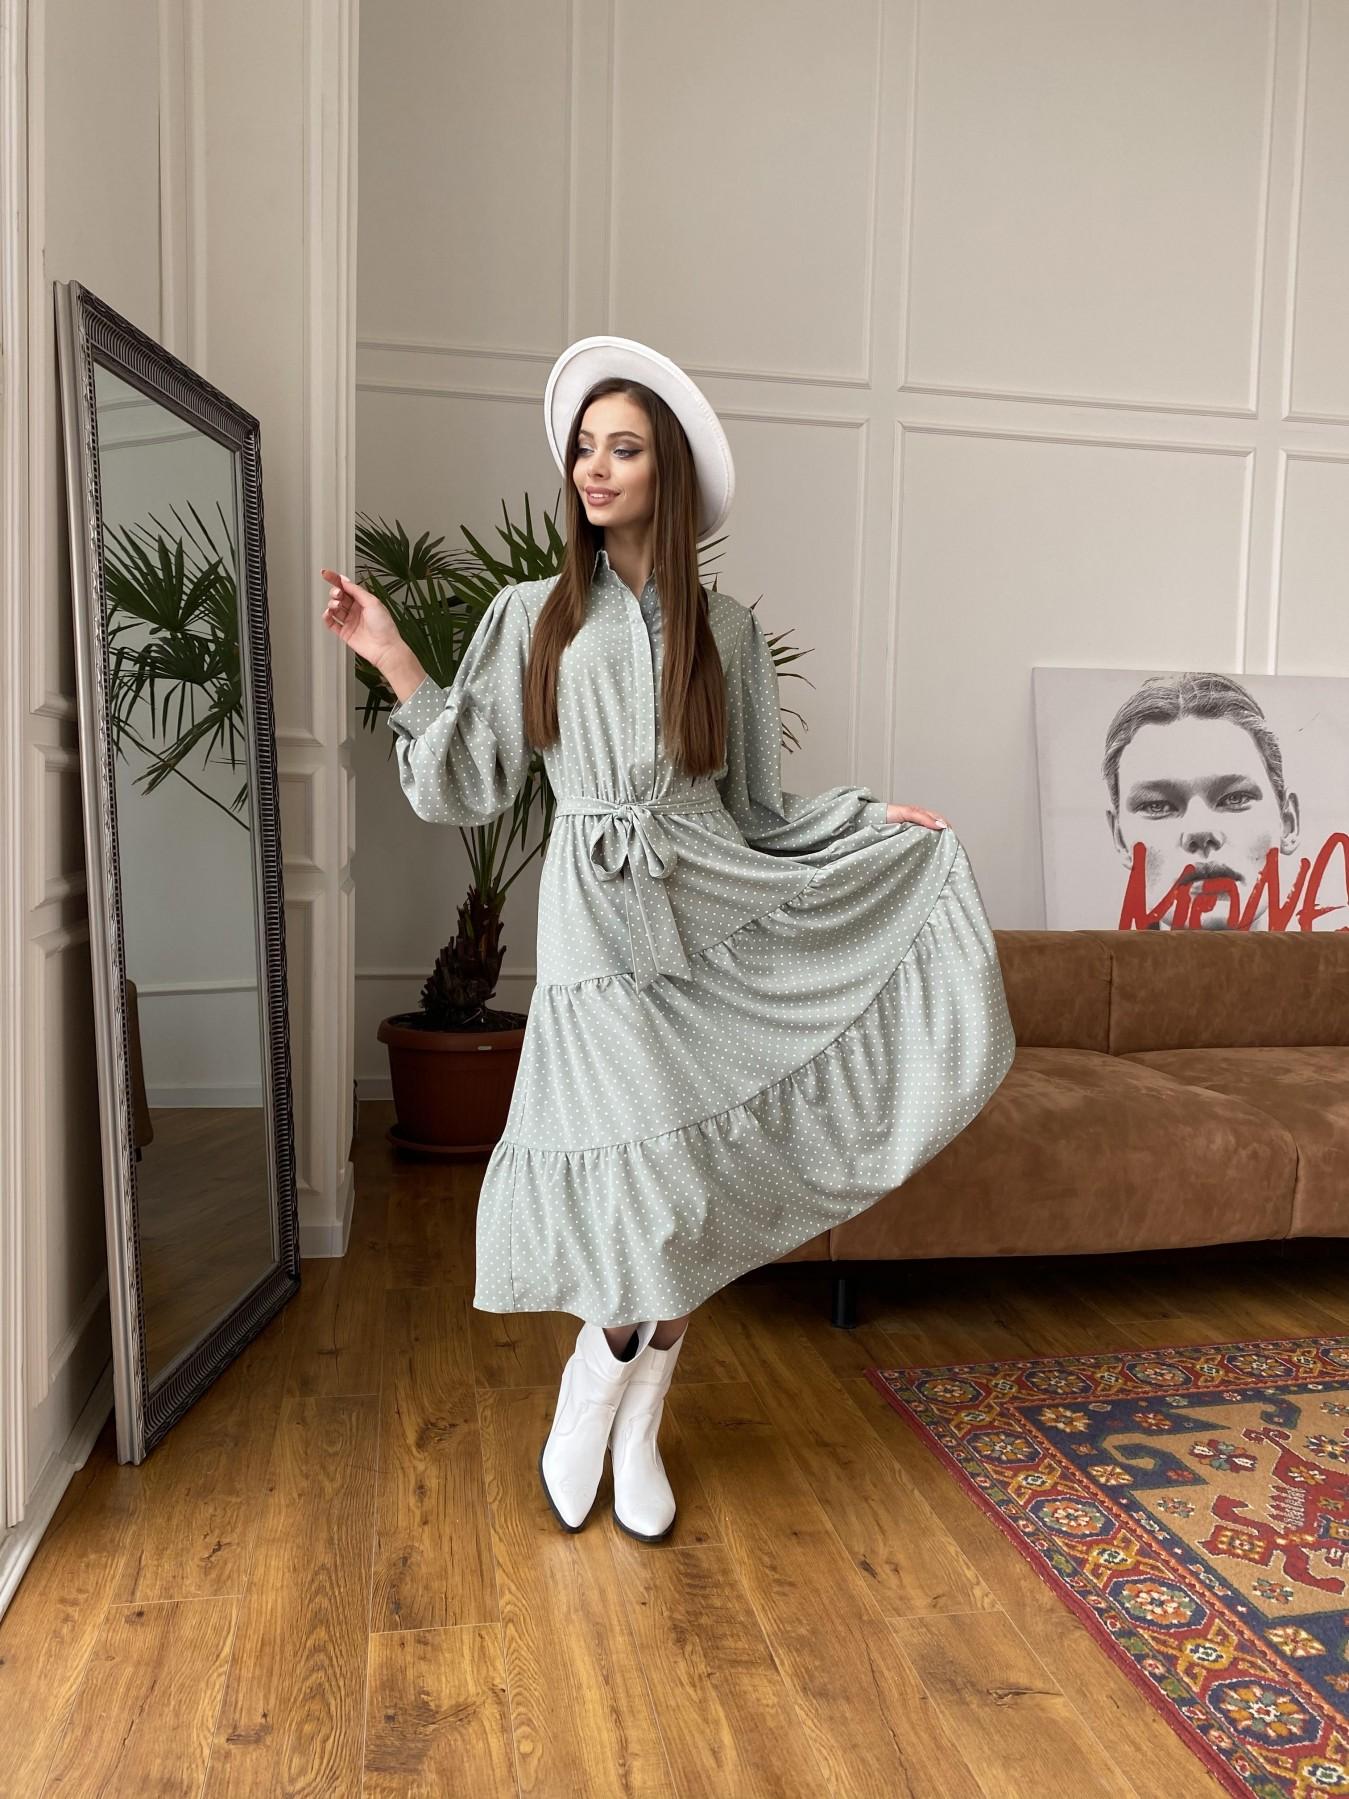 Лилия платье из софта с принтом 11108 АРТ. 47589 Цвет: Олива/ГорохБелыйМелк - фото 1, интернет магазин tm-modus.ru